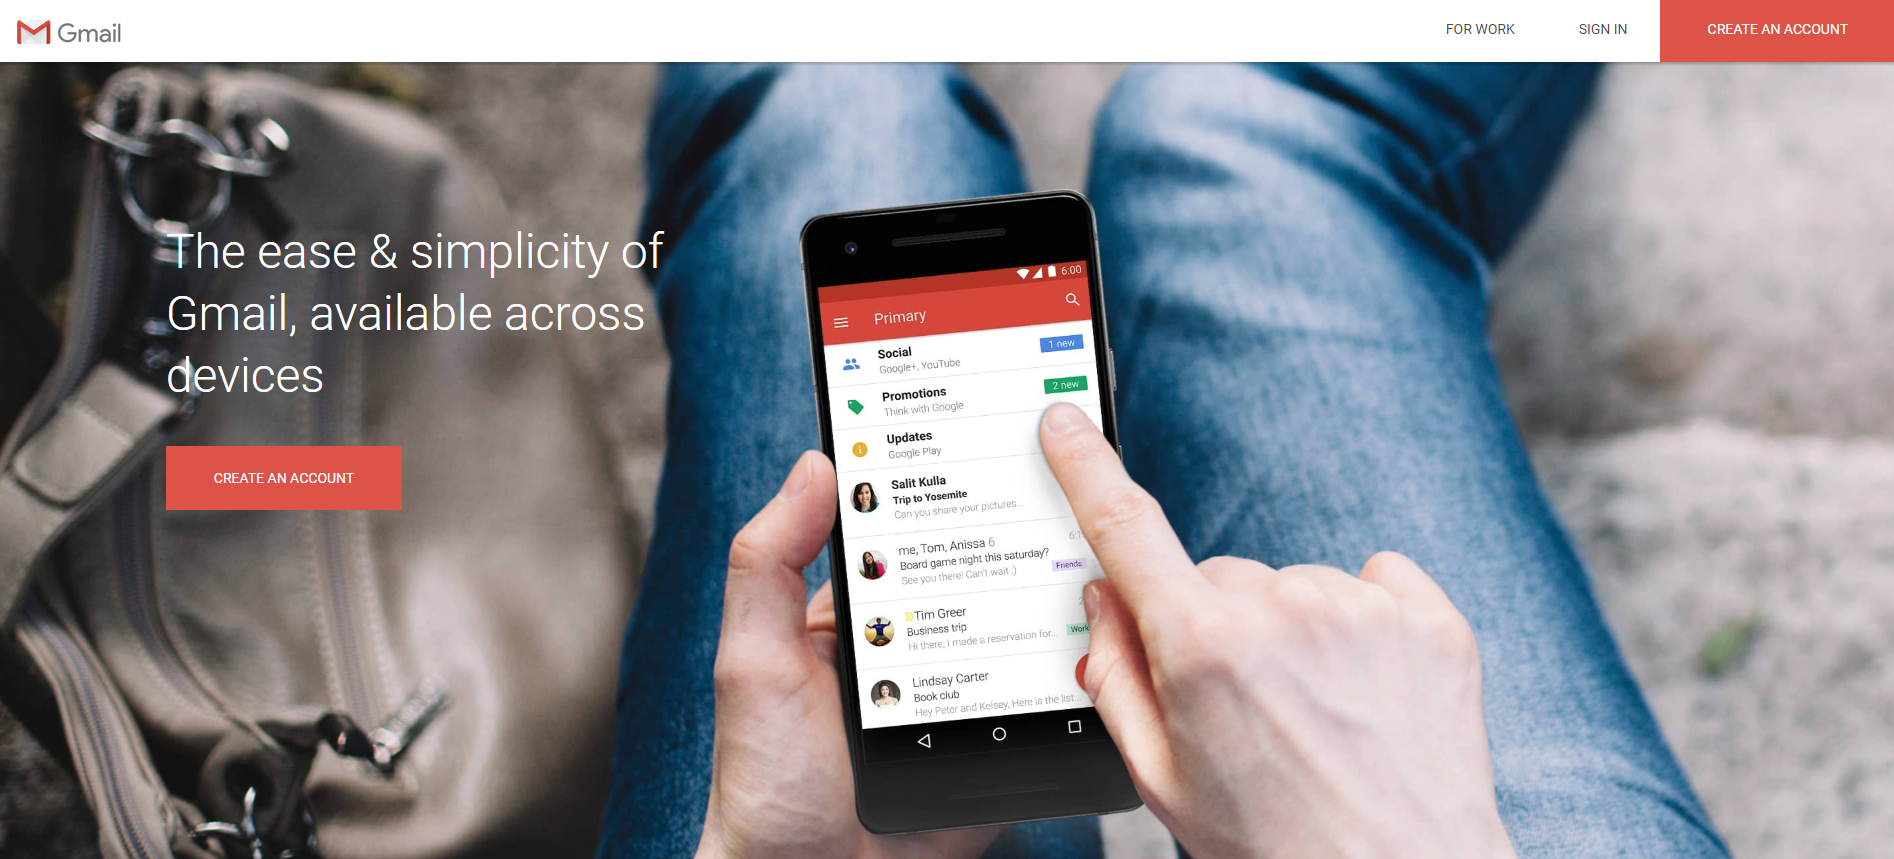 gmail-login-page